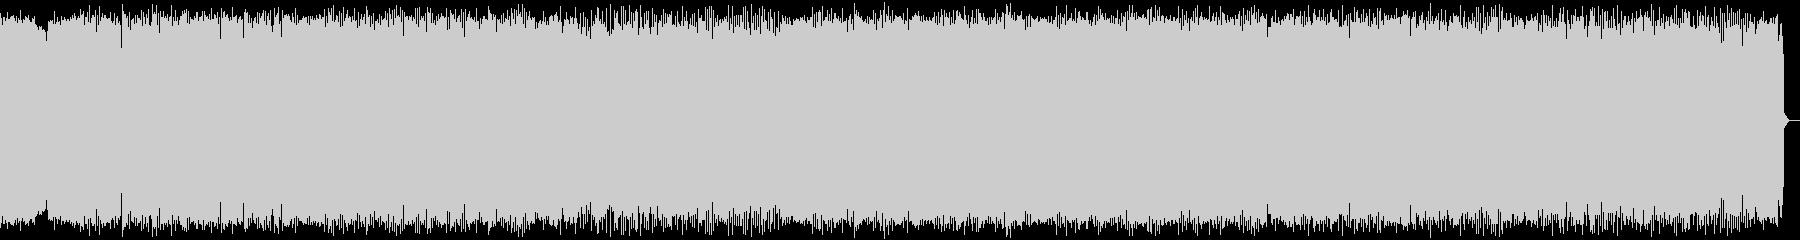 ブレイクビーツ ダブステップ 実験...の未再生の波形